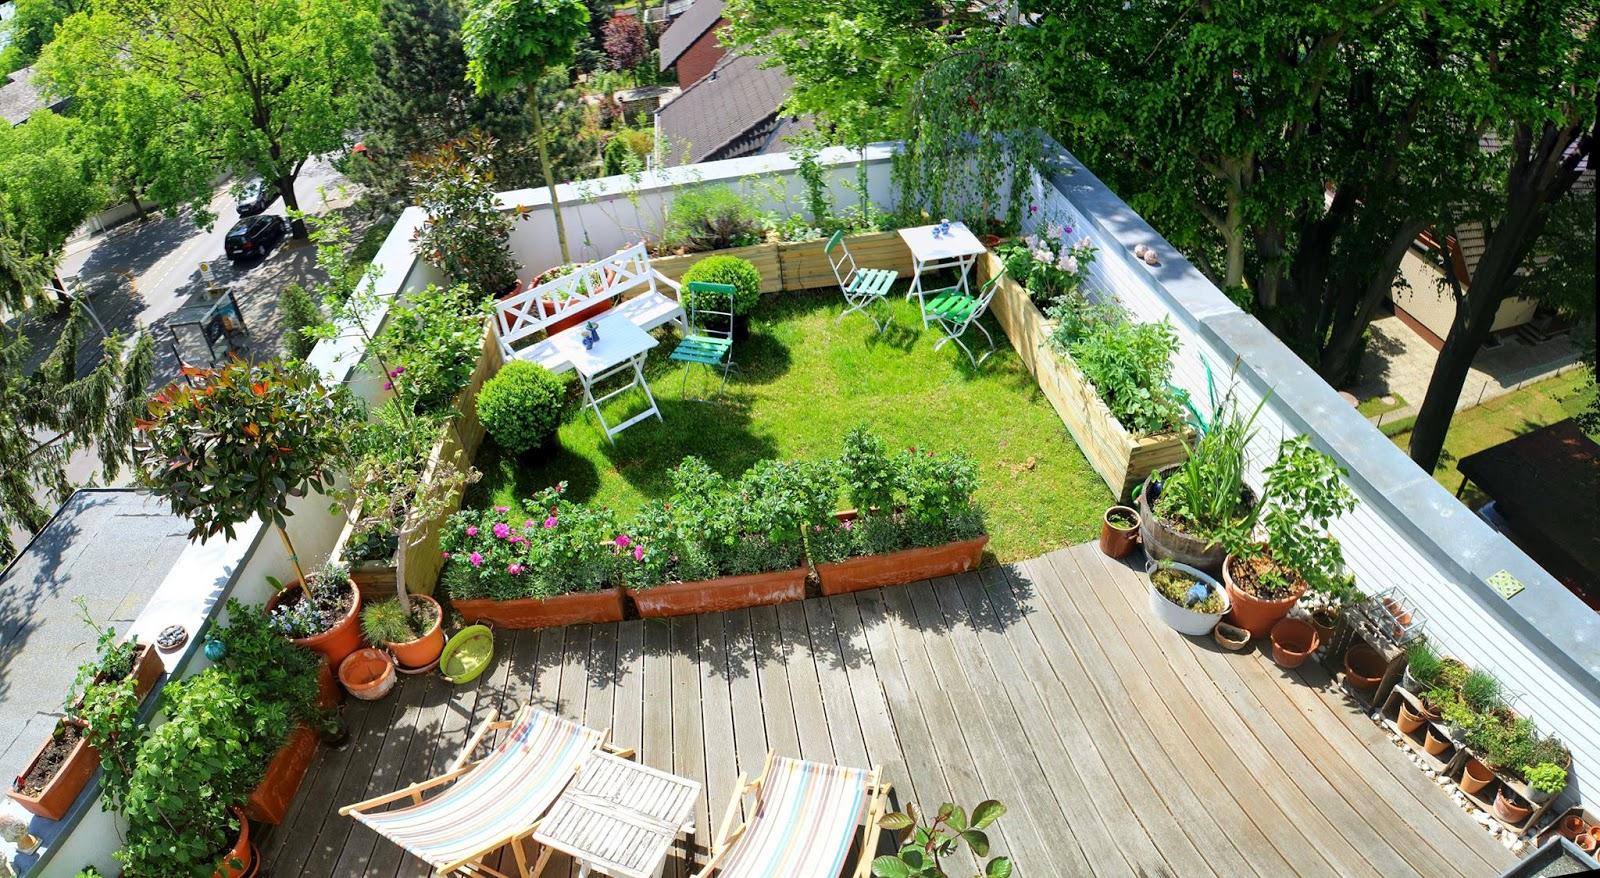 Ein Cottage-garten Auf Dem Dach: Update 7.5: Rundumblick Gemusegarten Auf Dem Dach